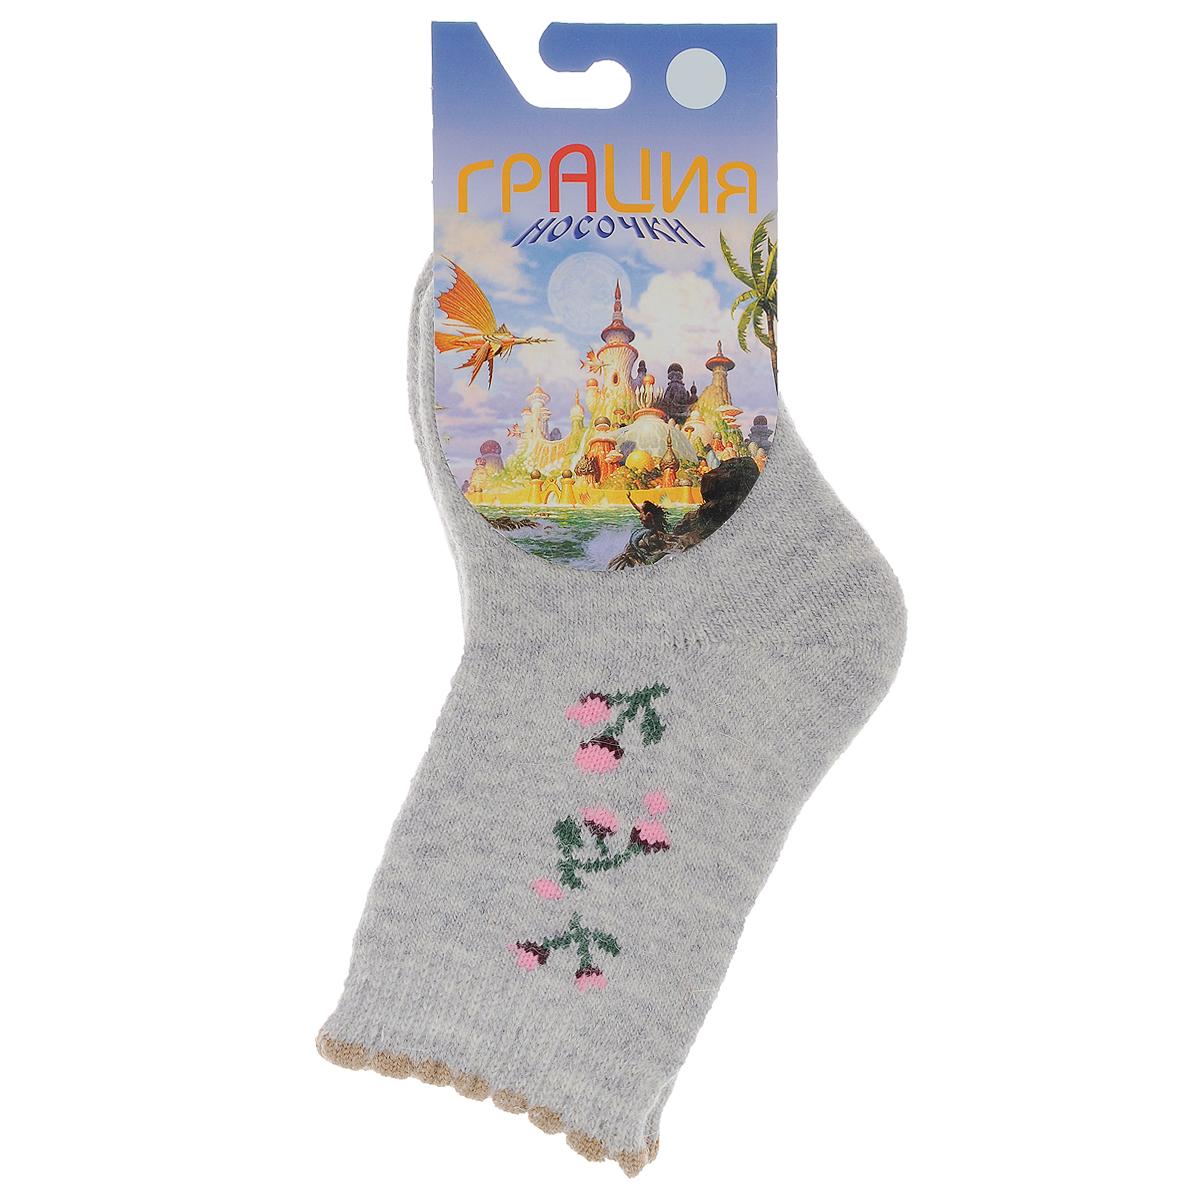 Носки детские. Д 2302Д 2302_24Детские теплые носки Грация - прекрасный вариант для вашего ребенка. Они изготовлены из пряжи смешанного состава, очень мягкие на ощупь, не раздражают даже самую нежную и чувствительную кожу. Лицевая сторона гладкая, а изнаночная - с мягкой теплой махрой. Носки имеют эластичную резинку с волнистым краем и плоский шов на мыске. Оформлена модель на щиколотке вязаным рисунком в виде цветов. Они послужат замечательным дополнением к детскому гардеробу!